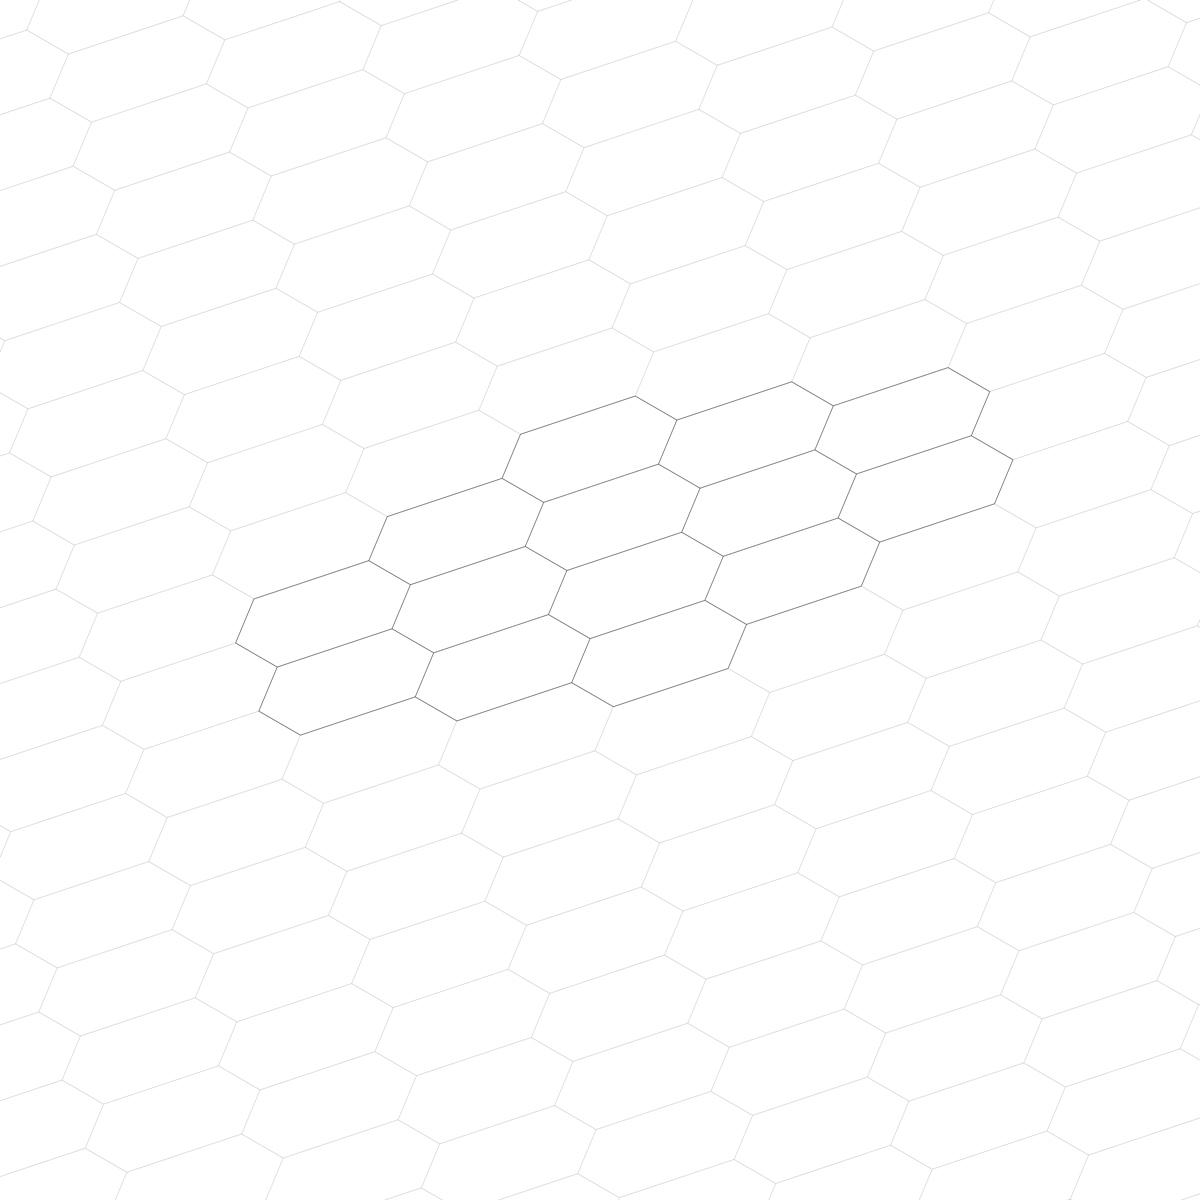 cluster--02.jpg